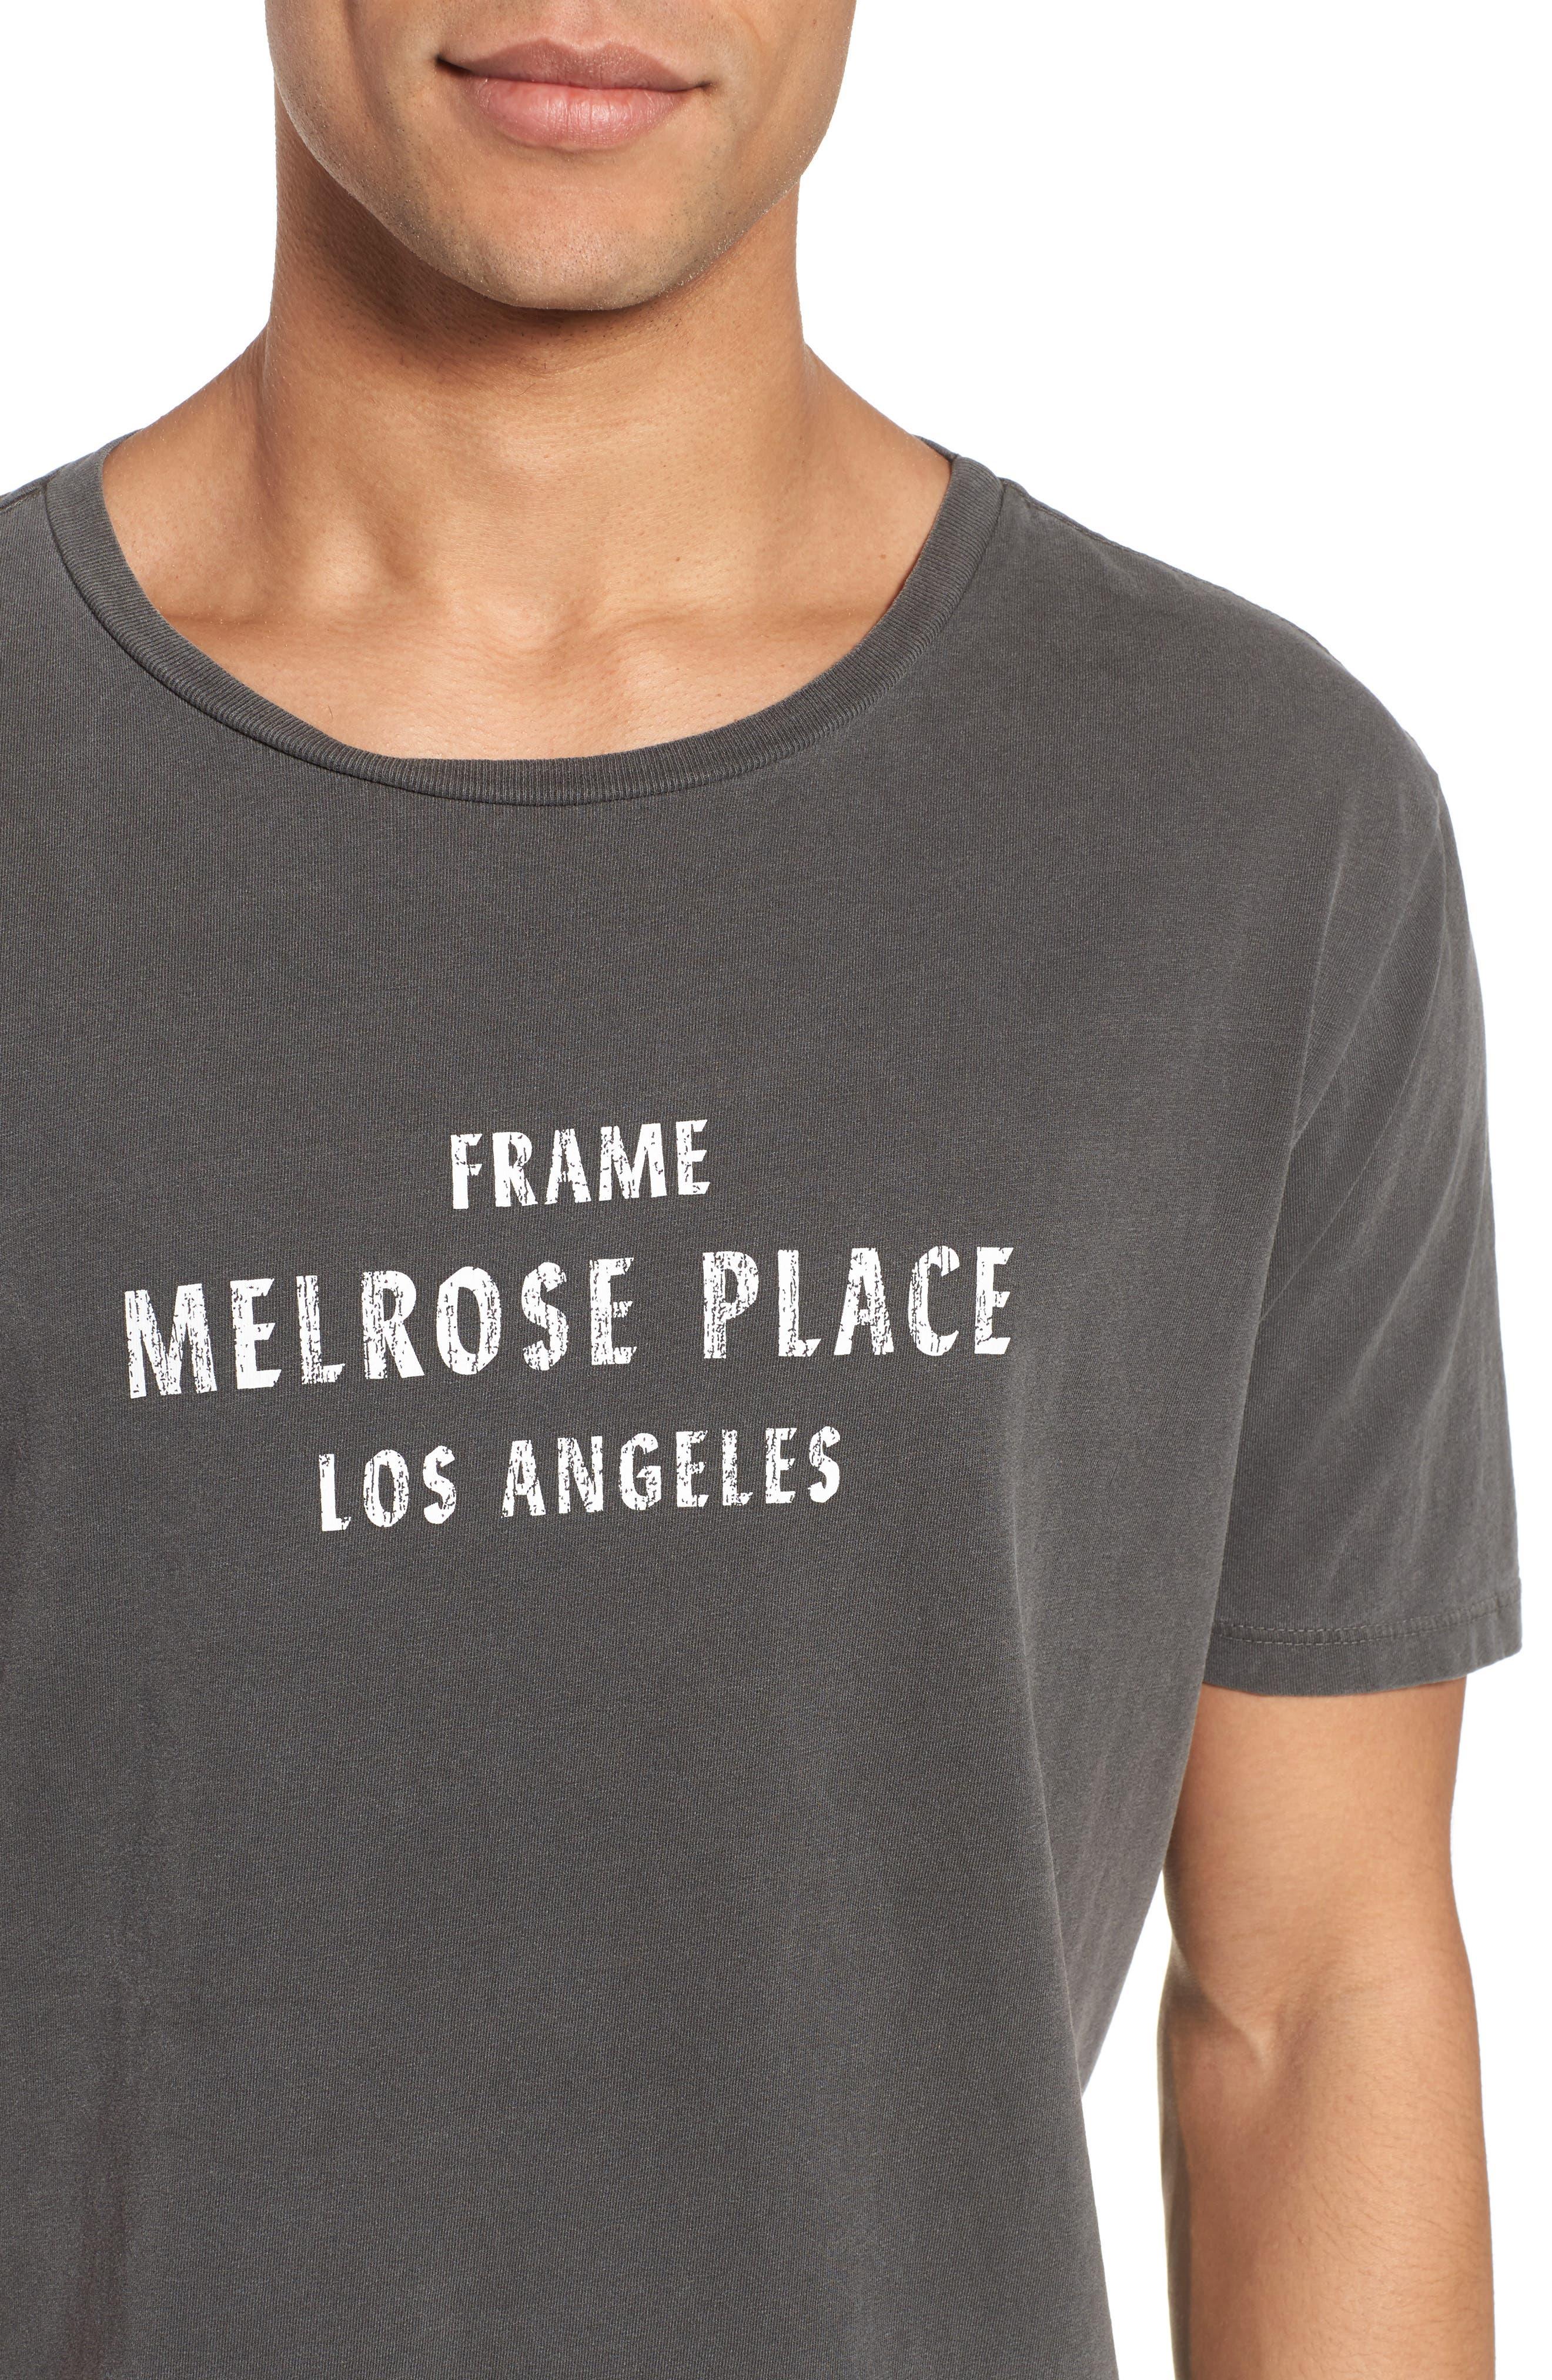 Melrose Place Vintage Graphic T-Shirt,                             Alternate thumbnail 4, color,                             001